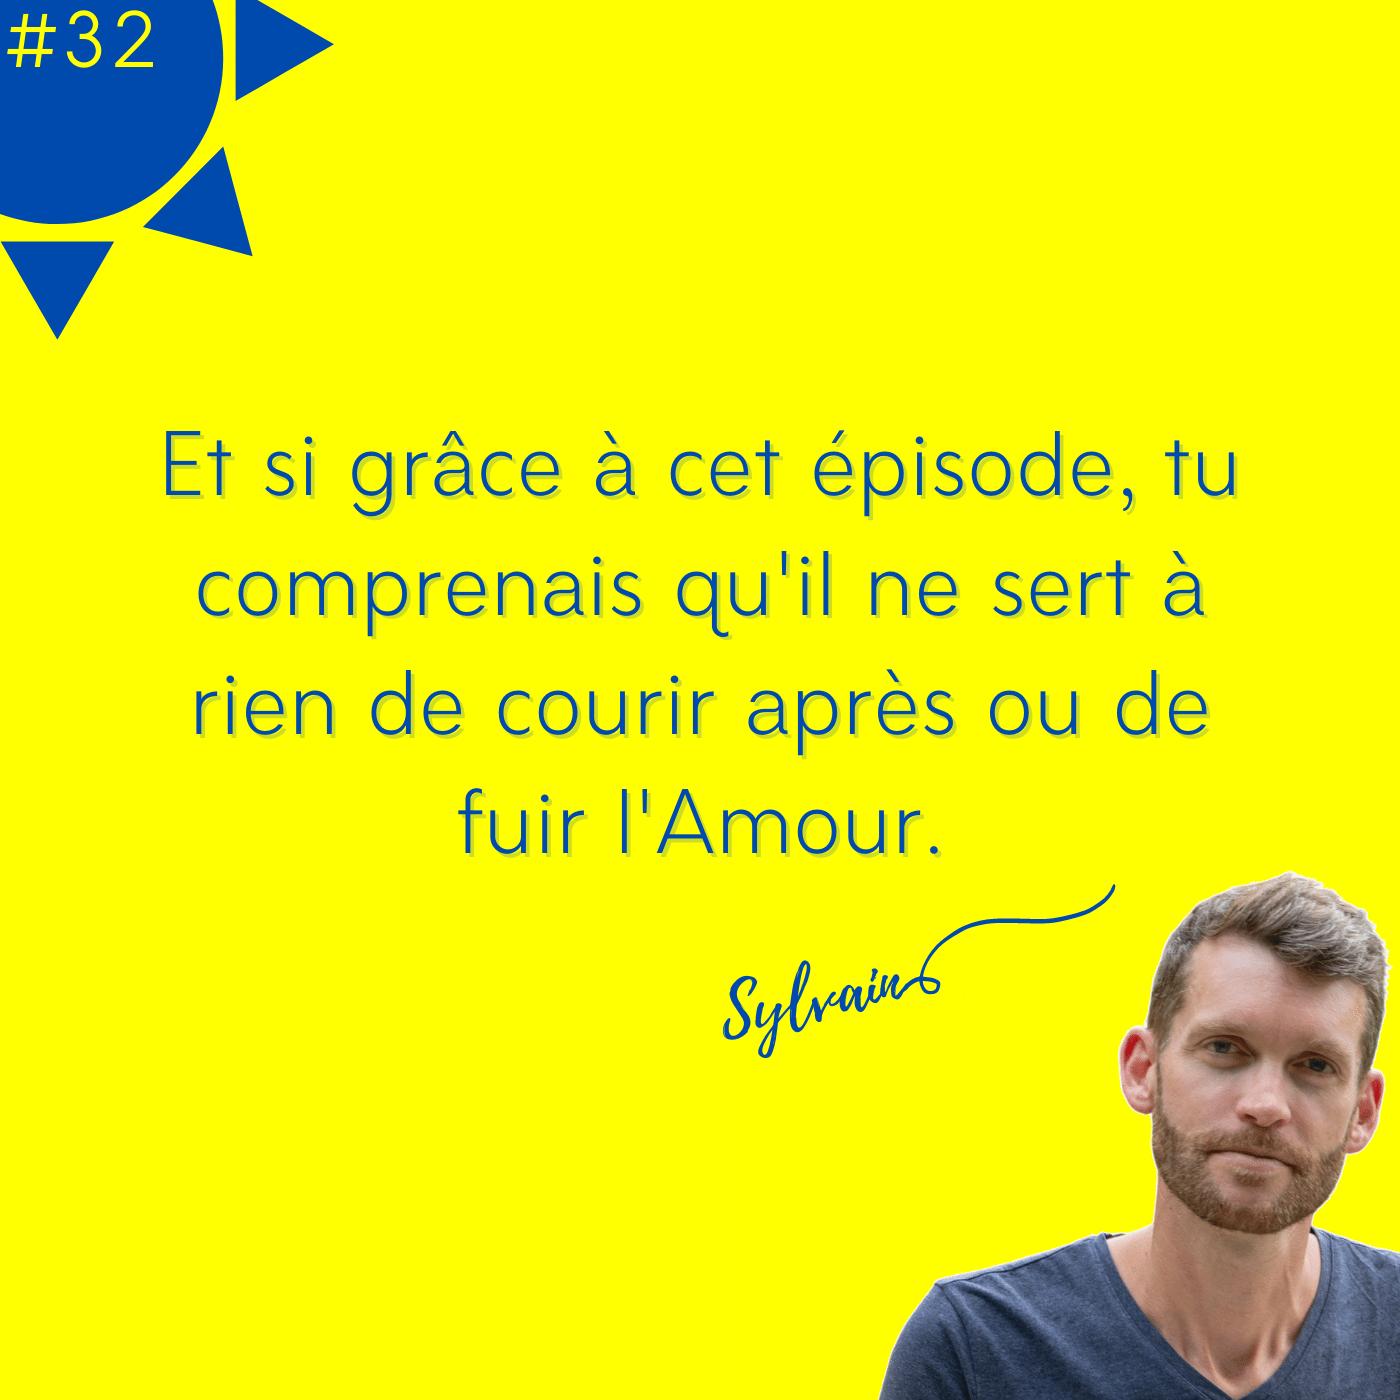 episode S1E114